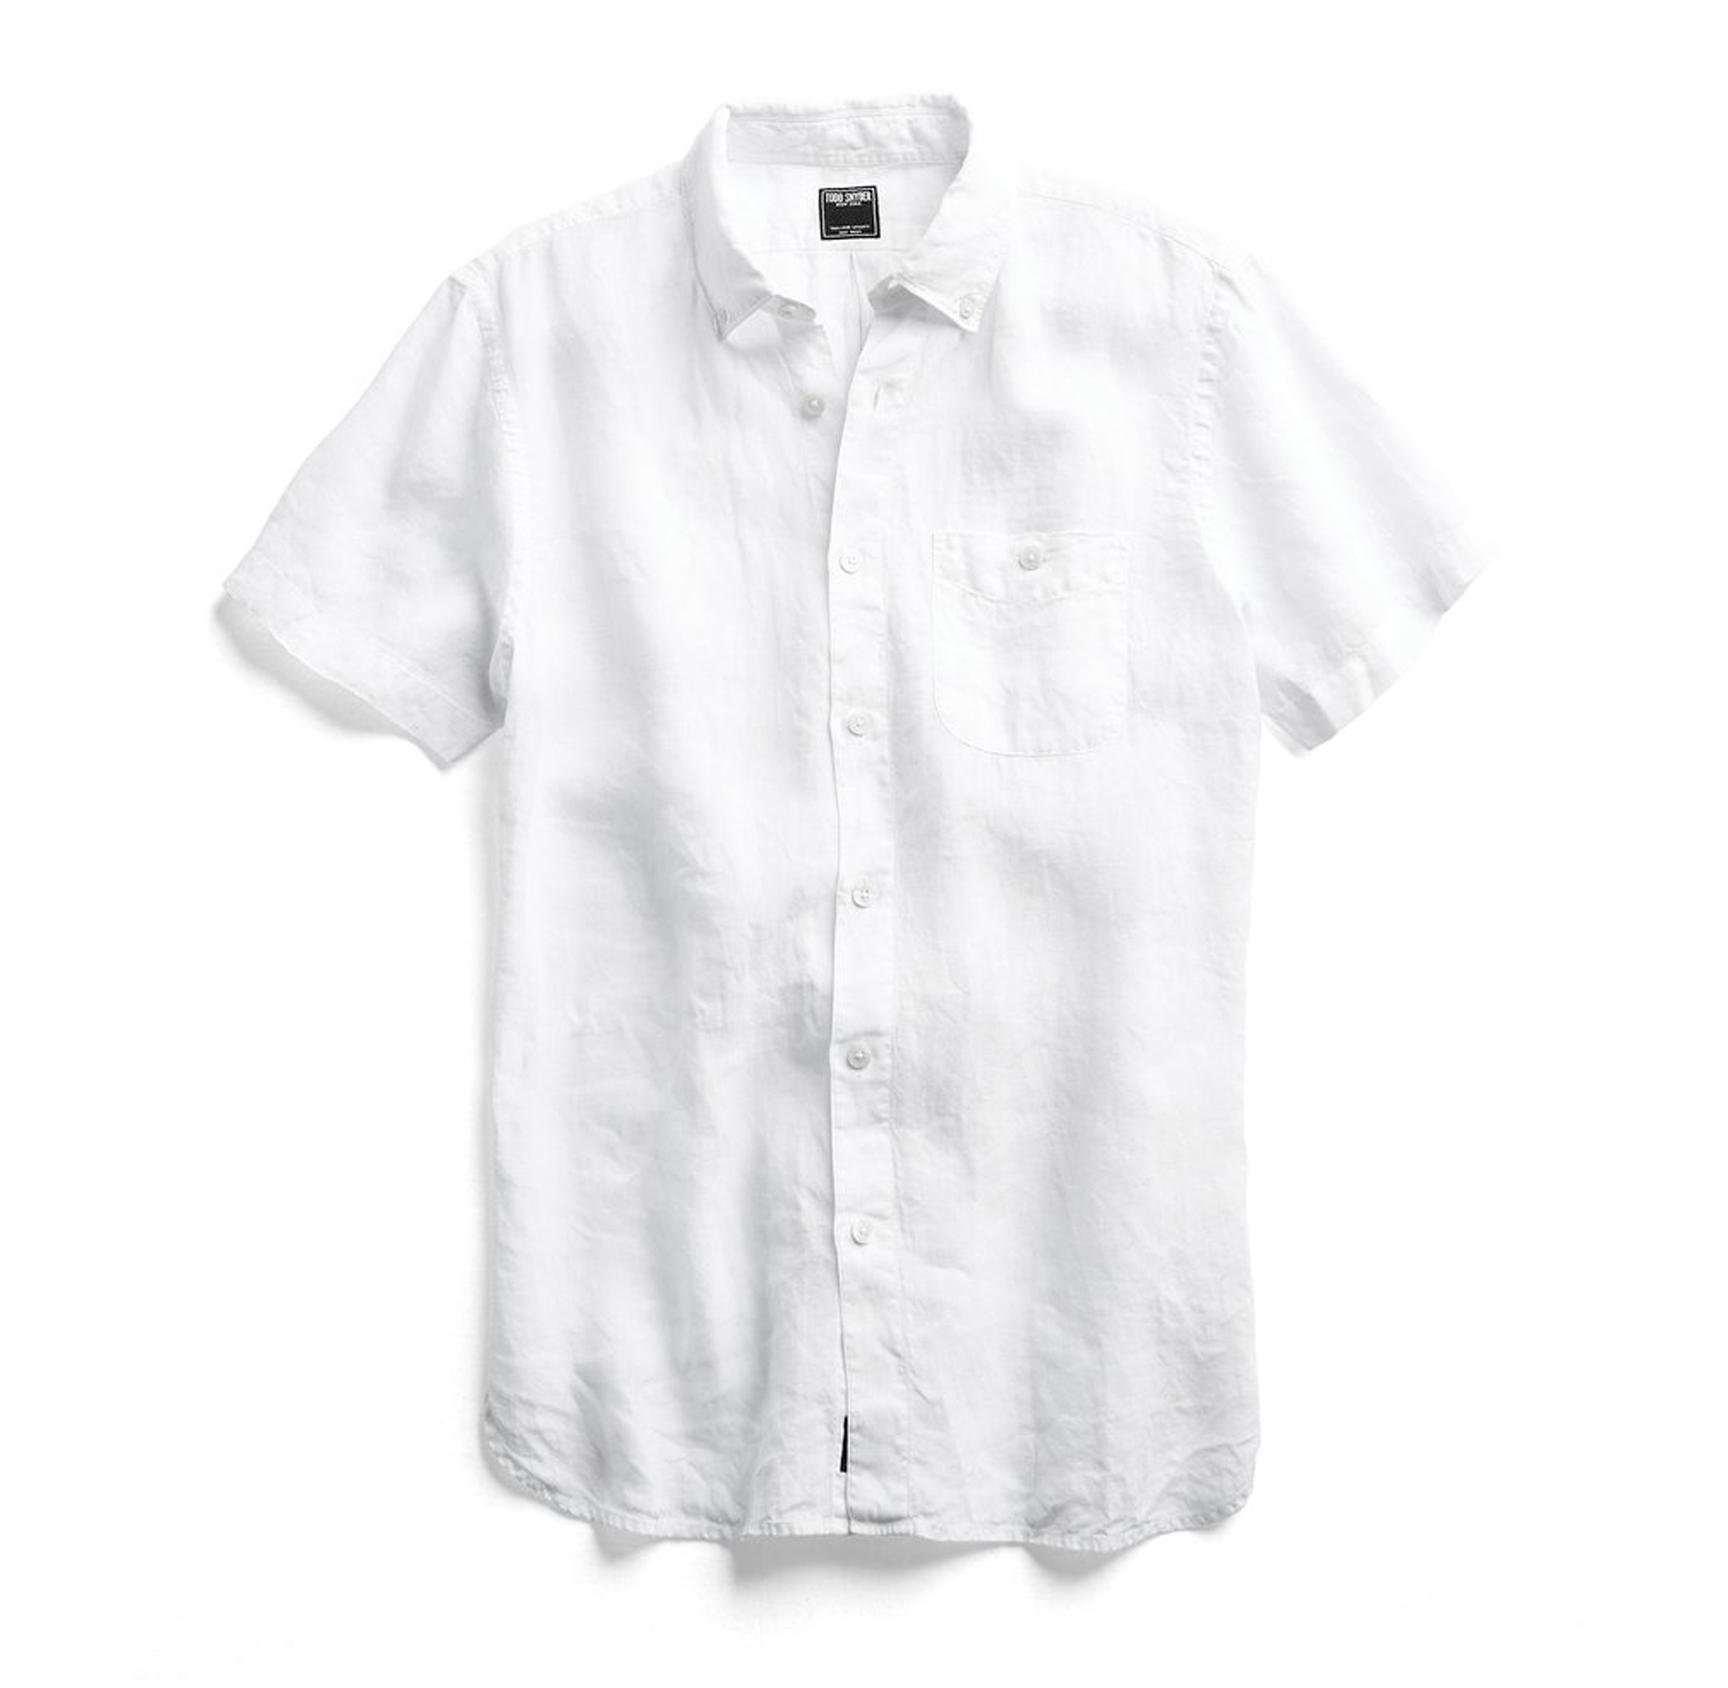 Tom Snyder white shirt